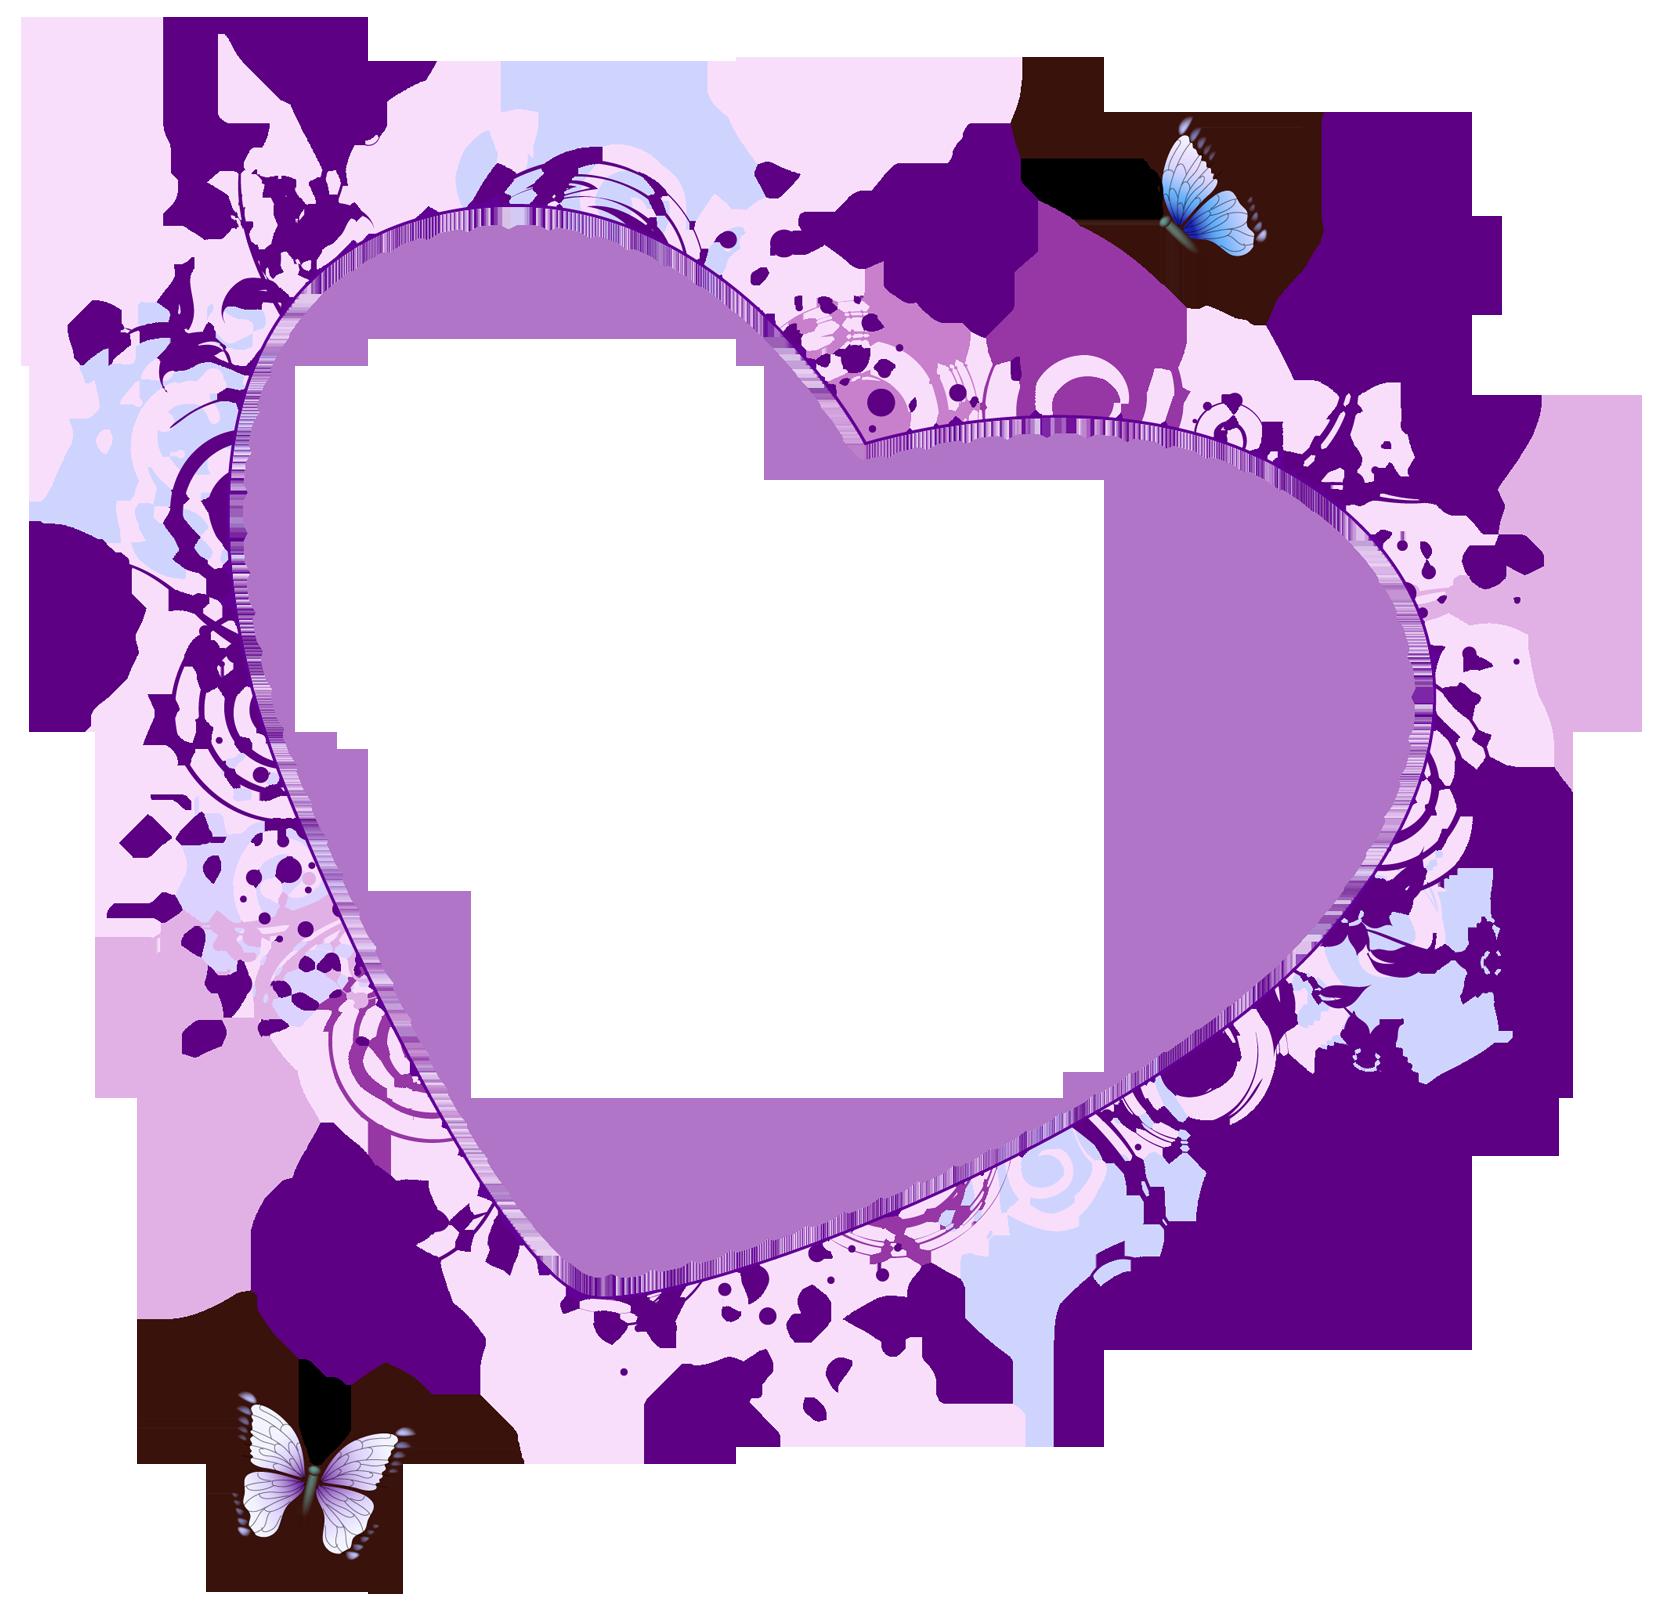 Purple heart borders and. Diaper clipart border